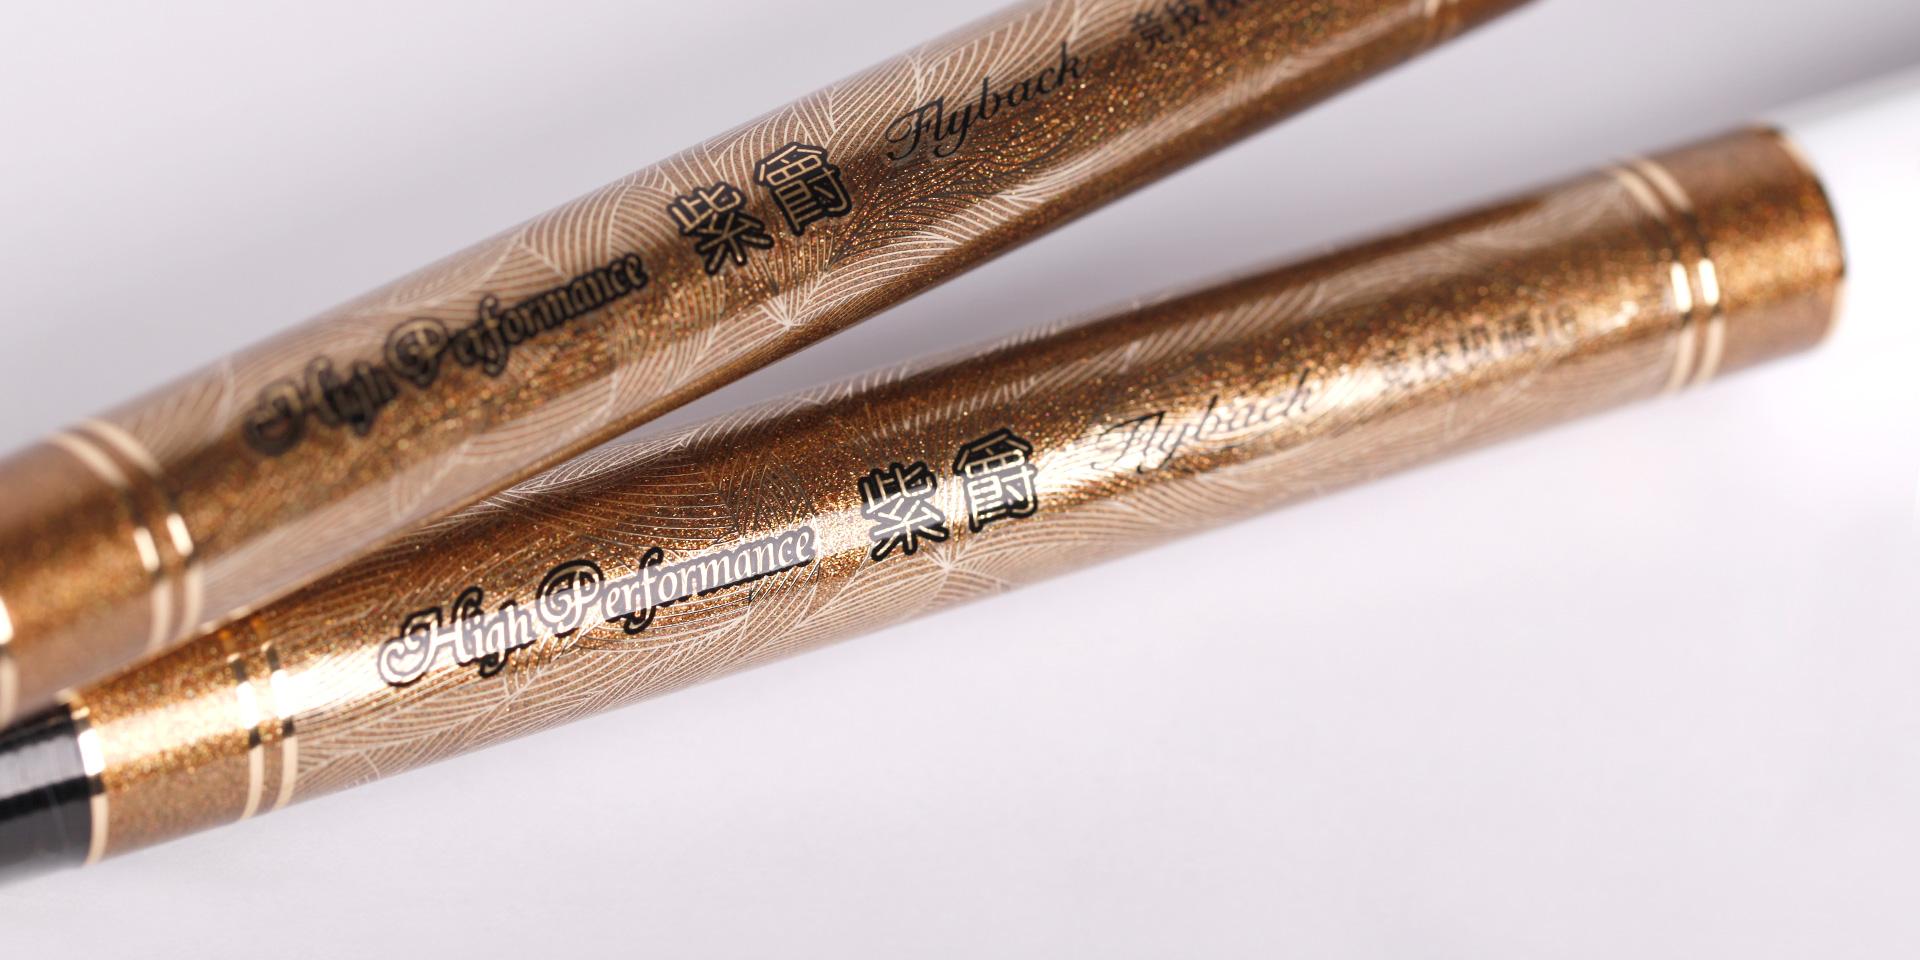 涂装以钻石彩粉金色为元素搭配主调经典黑色,为其增添魅力的同时,更是将它精致的质感展现无疑。段涂处24K金色线丝镶嵌规则纹理设计的融入,更加彰显之华丽高雅